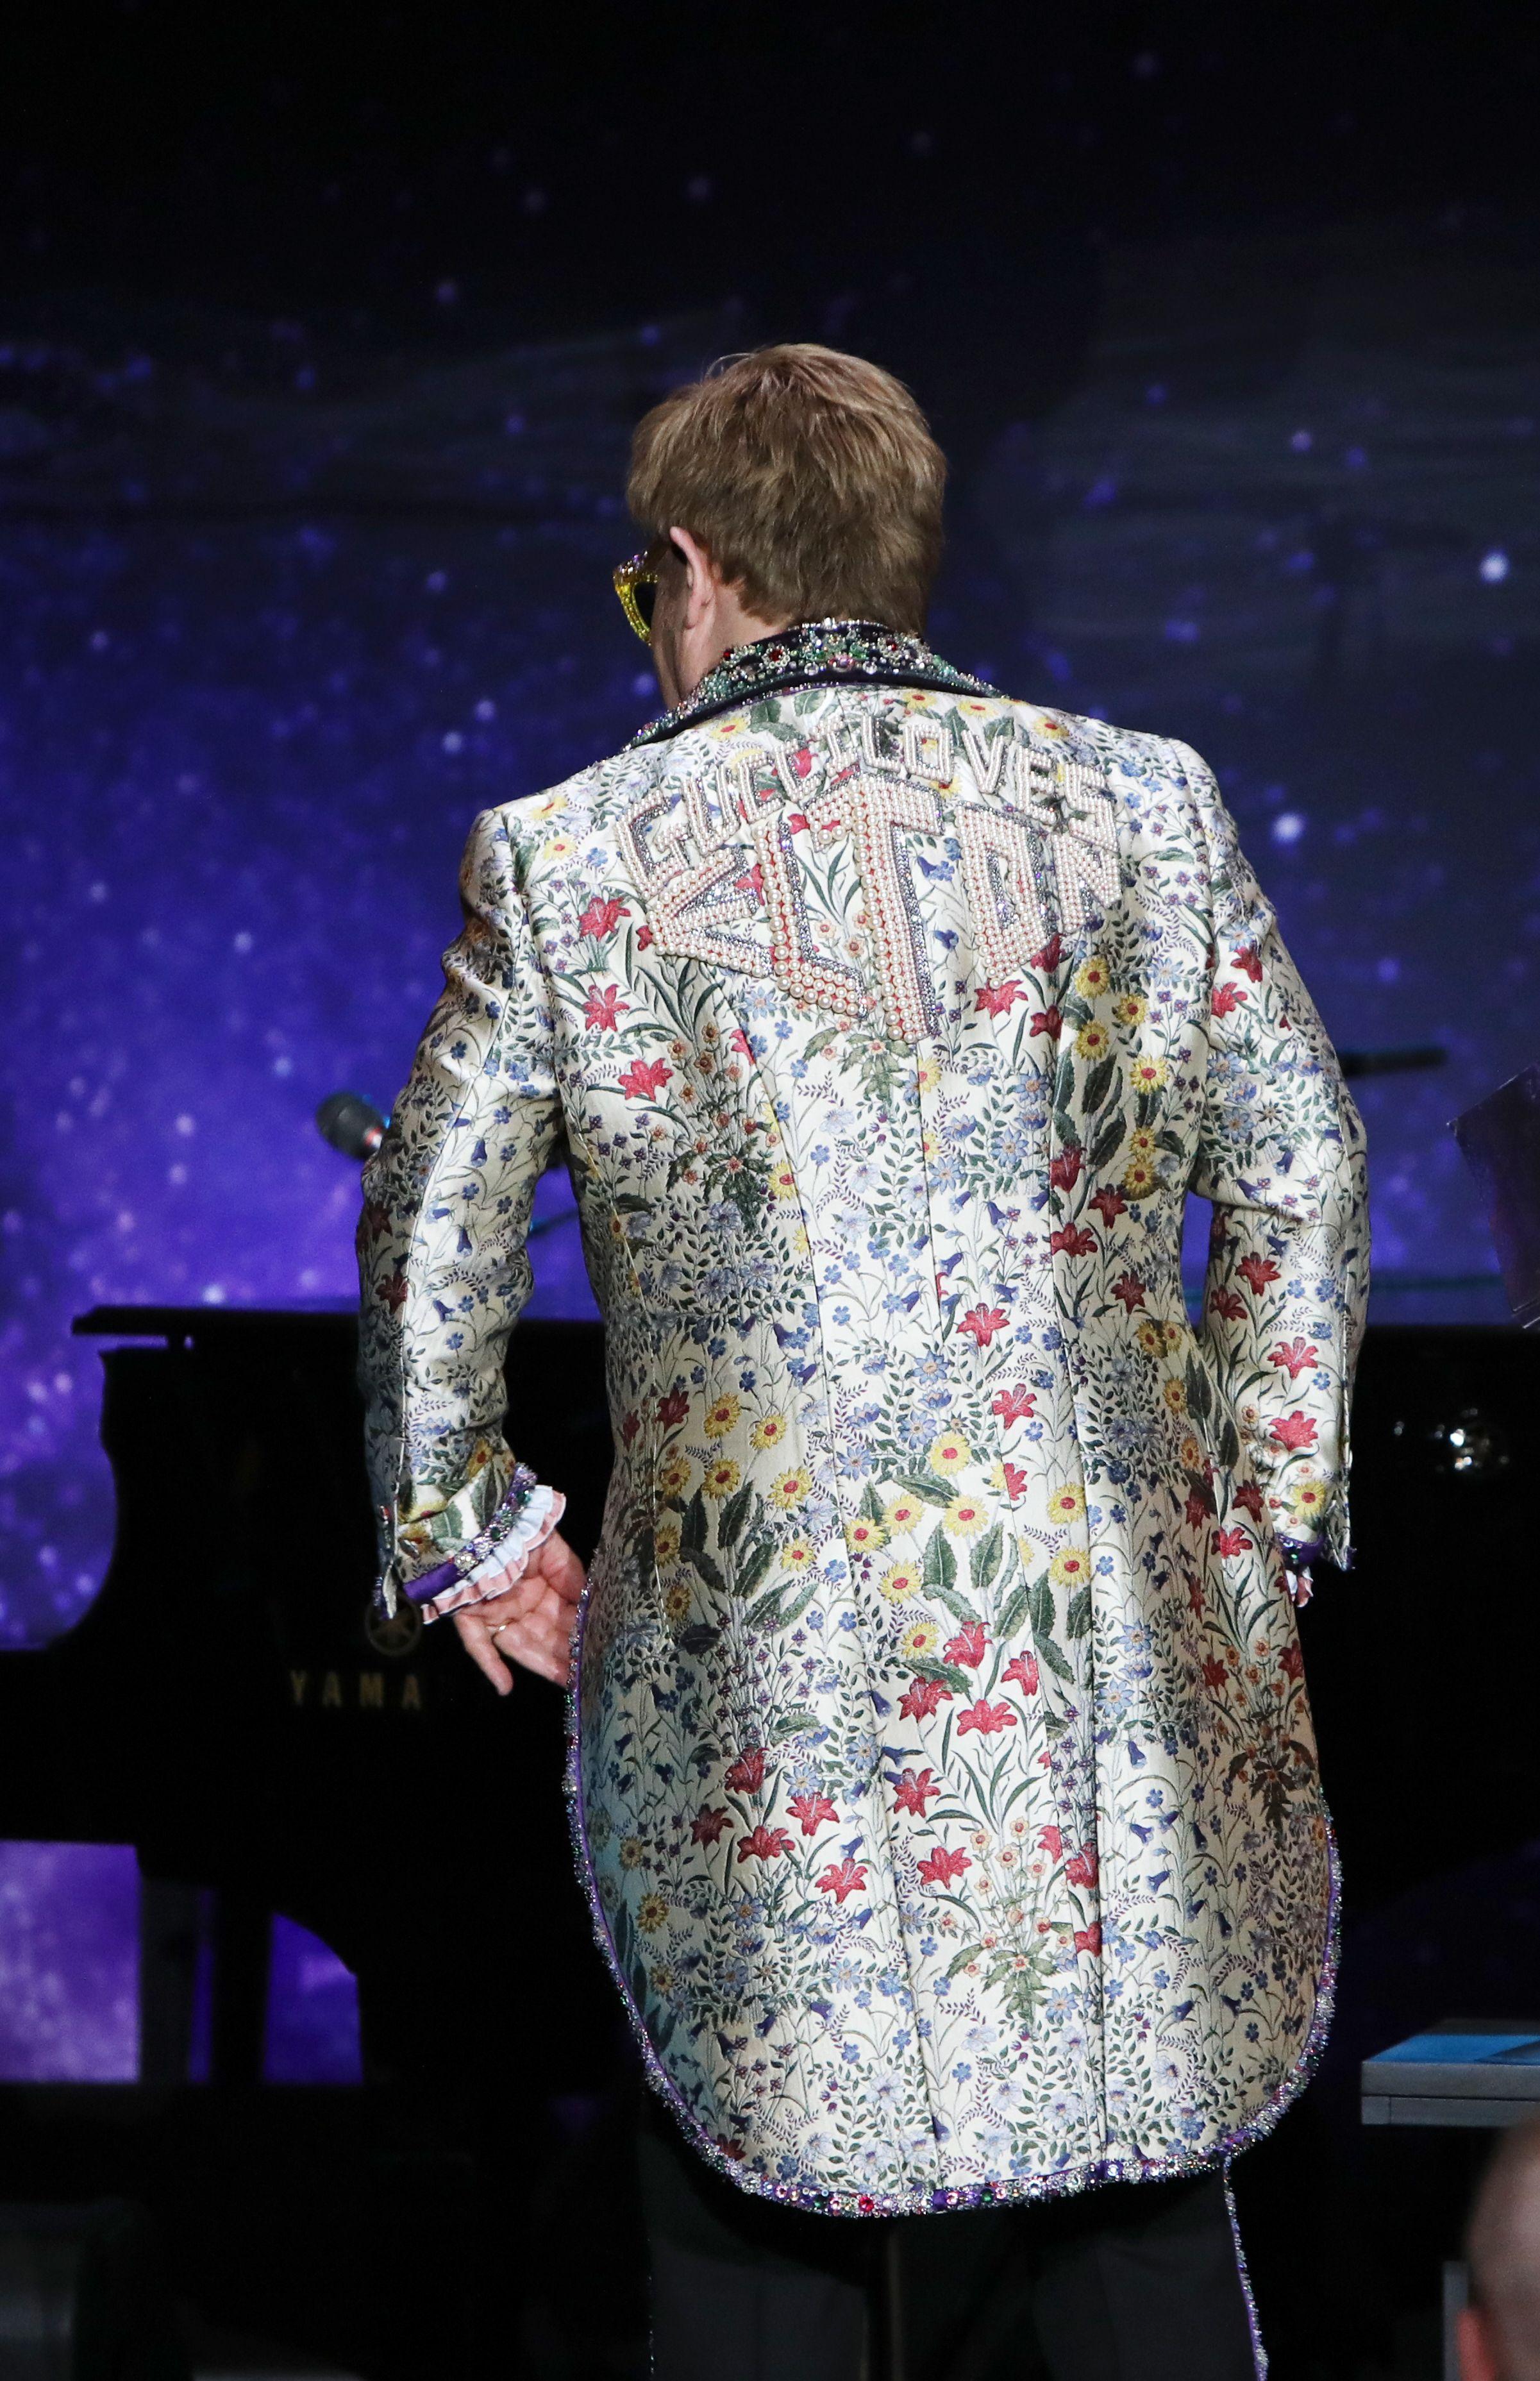 Elton John, Jacket DetailElton John Announces 'Farewell Yellow Brick Road' Tour, New York, USA - 24 Jan 2018